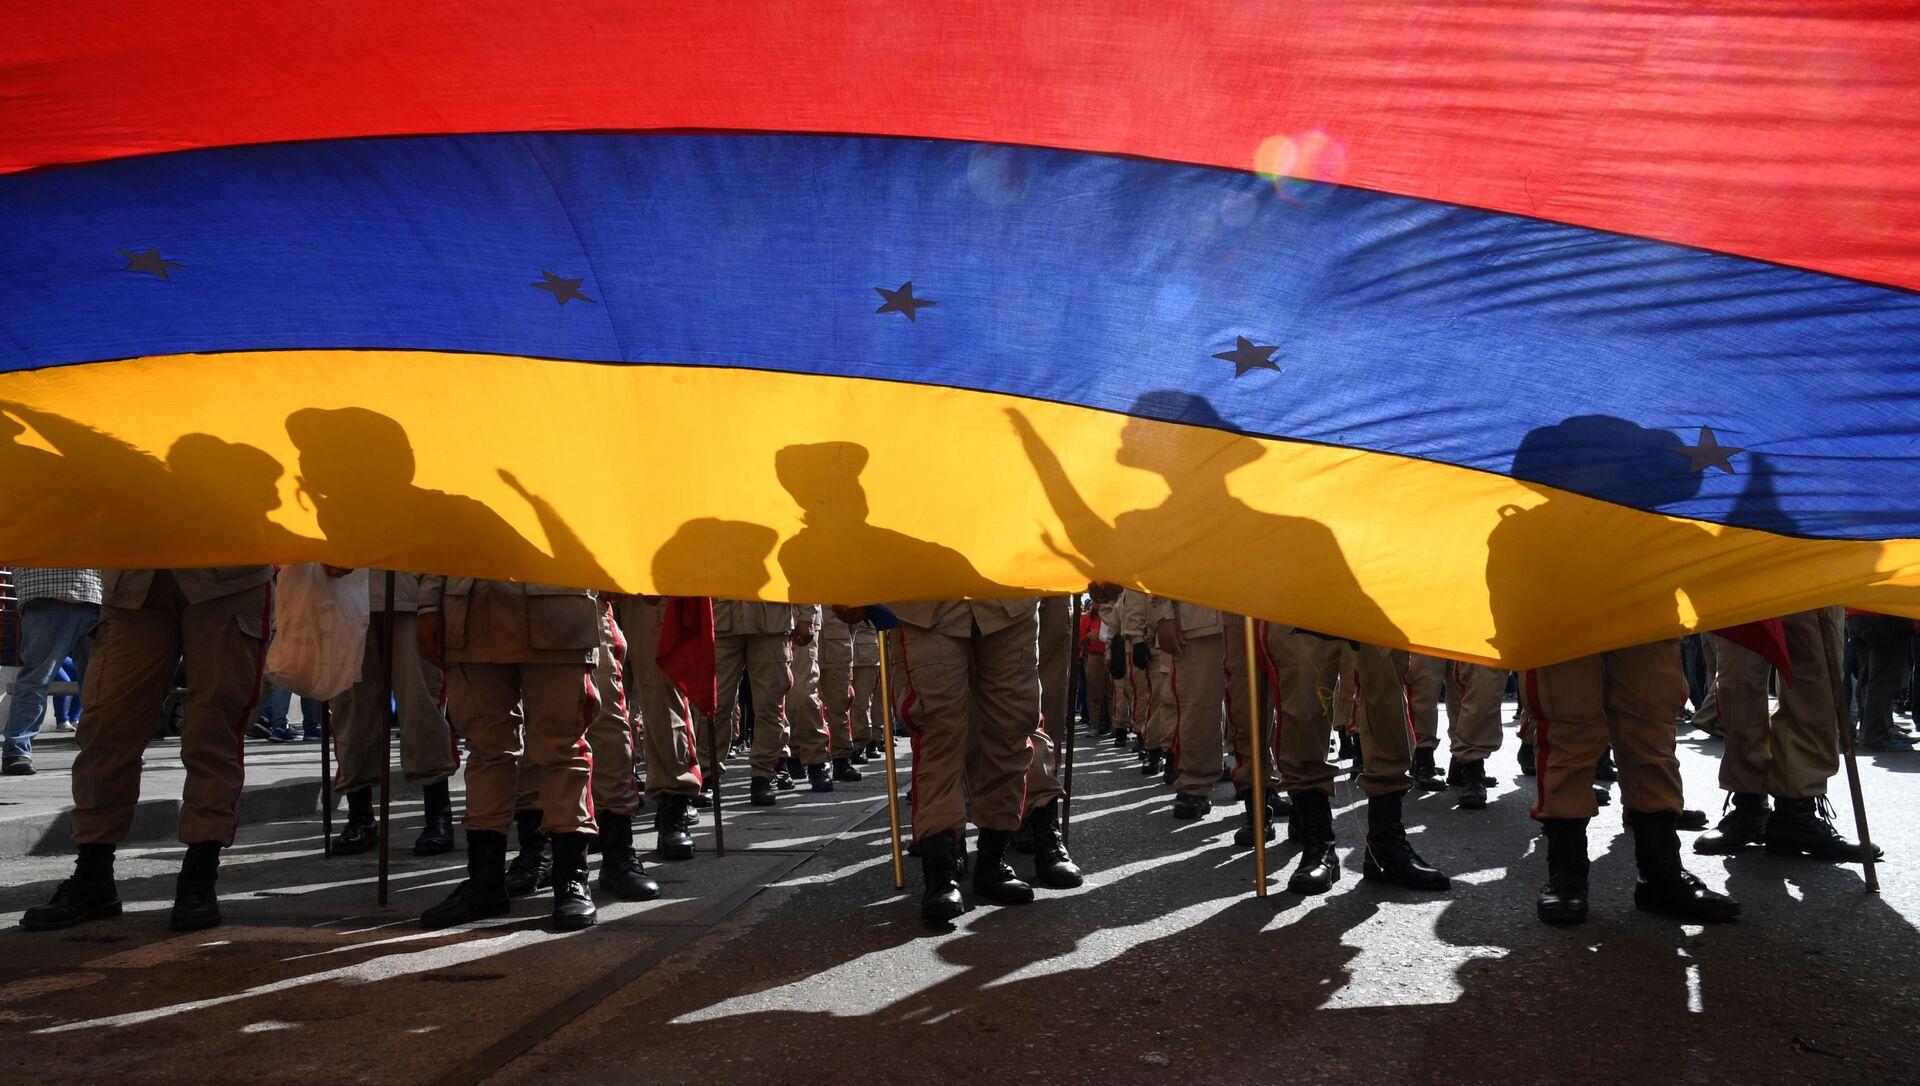 Miembros de la milicia bolivariana asisten a una marcha en apoyo al presidente venezolano Nicolás Maduro. Caracas, 14 de enero de 2020 - Sputnik Mundo, 1920, 27.11.2020